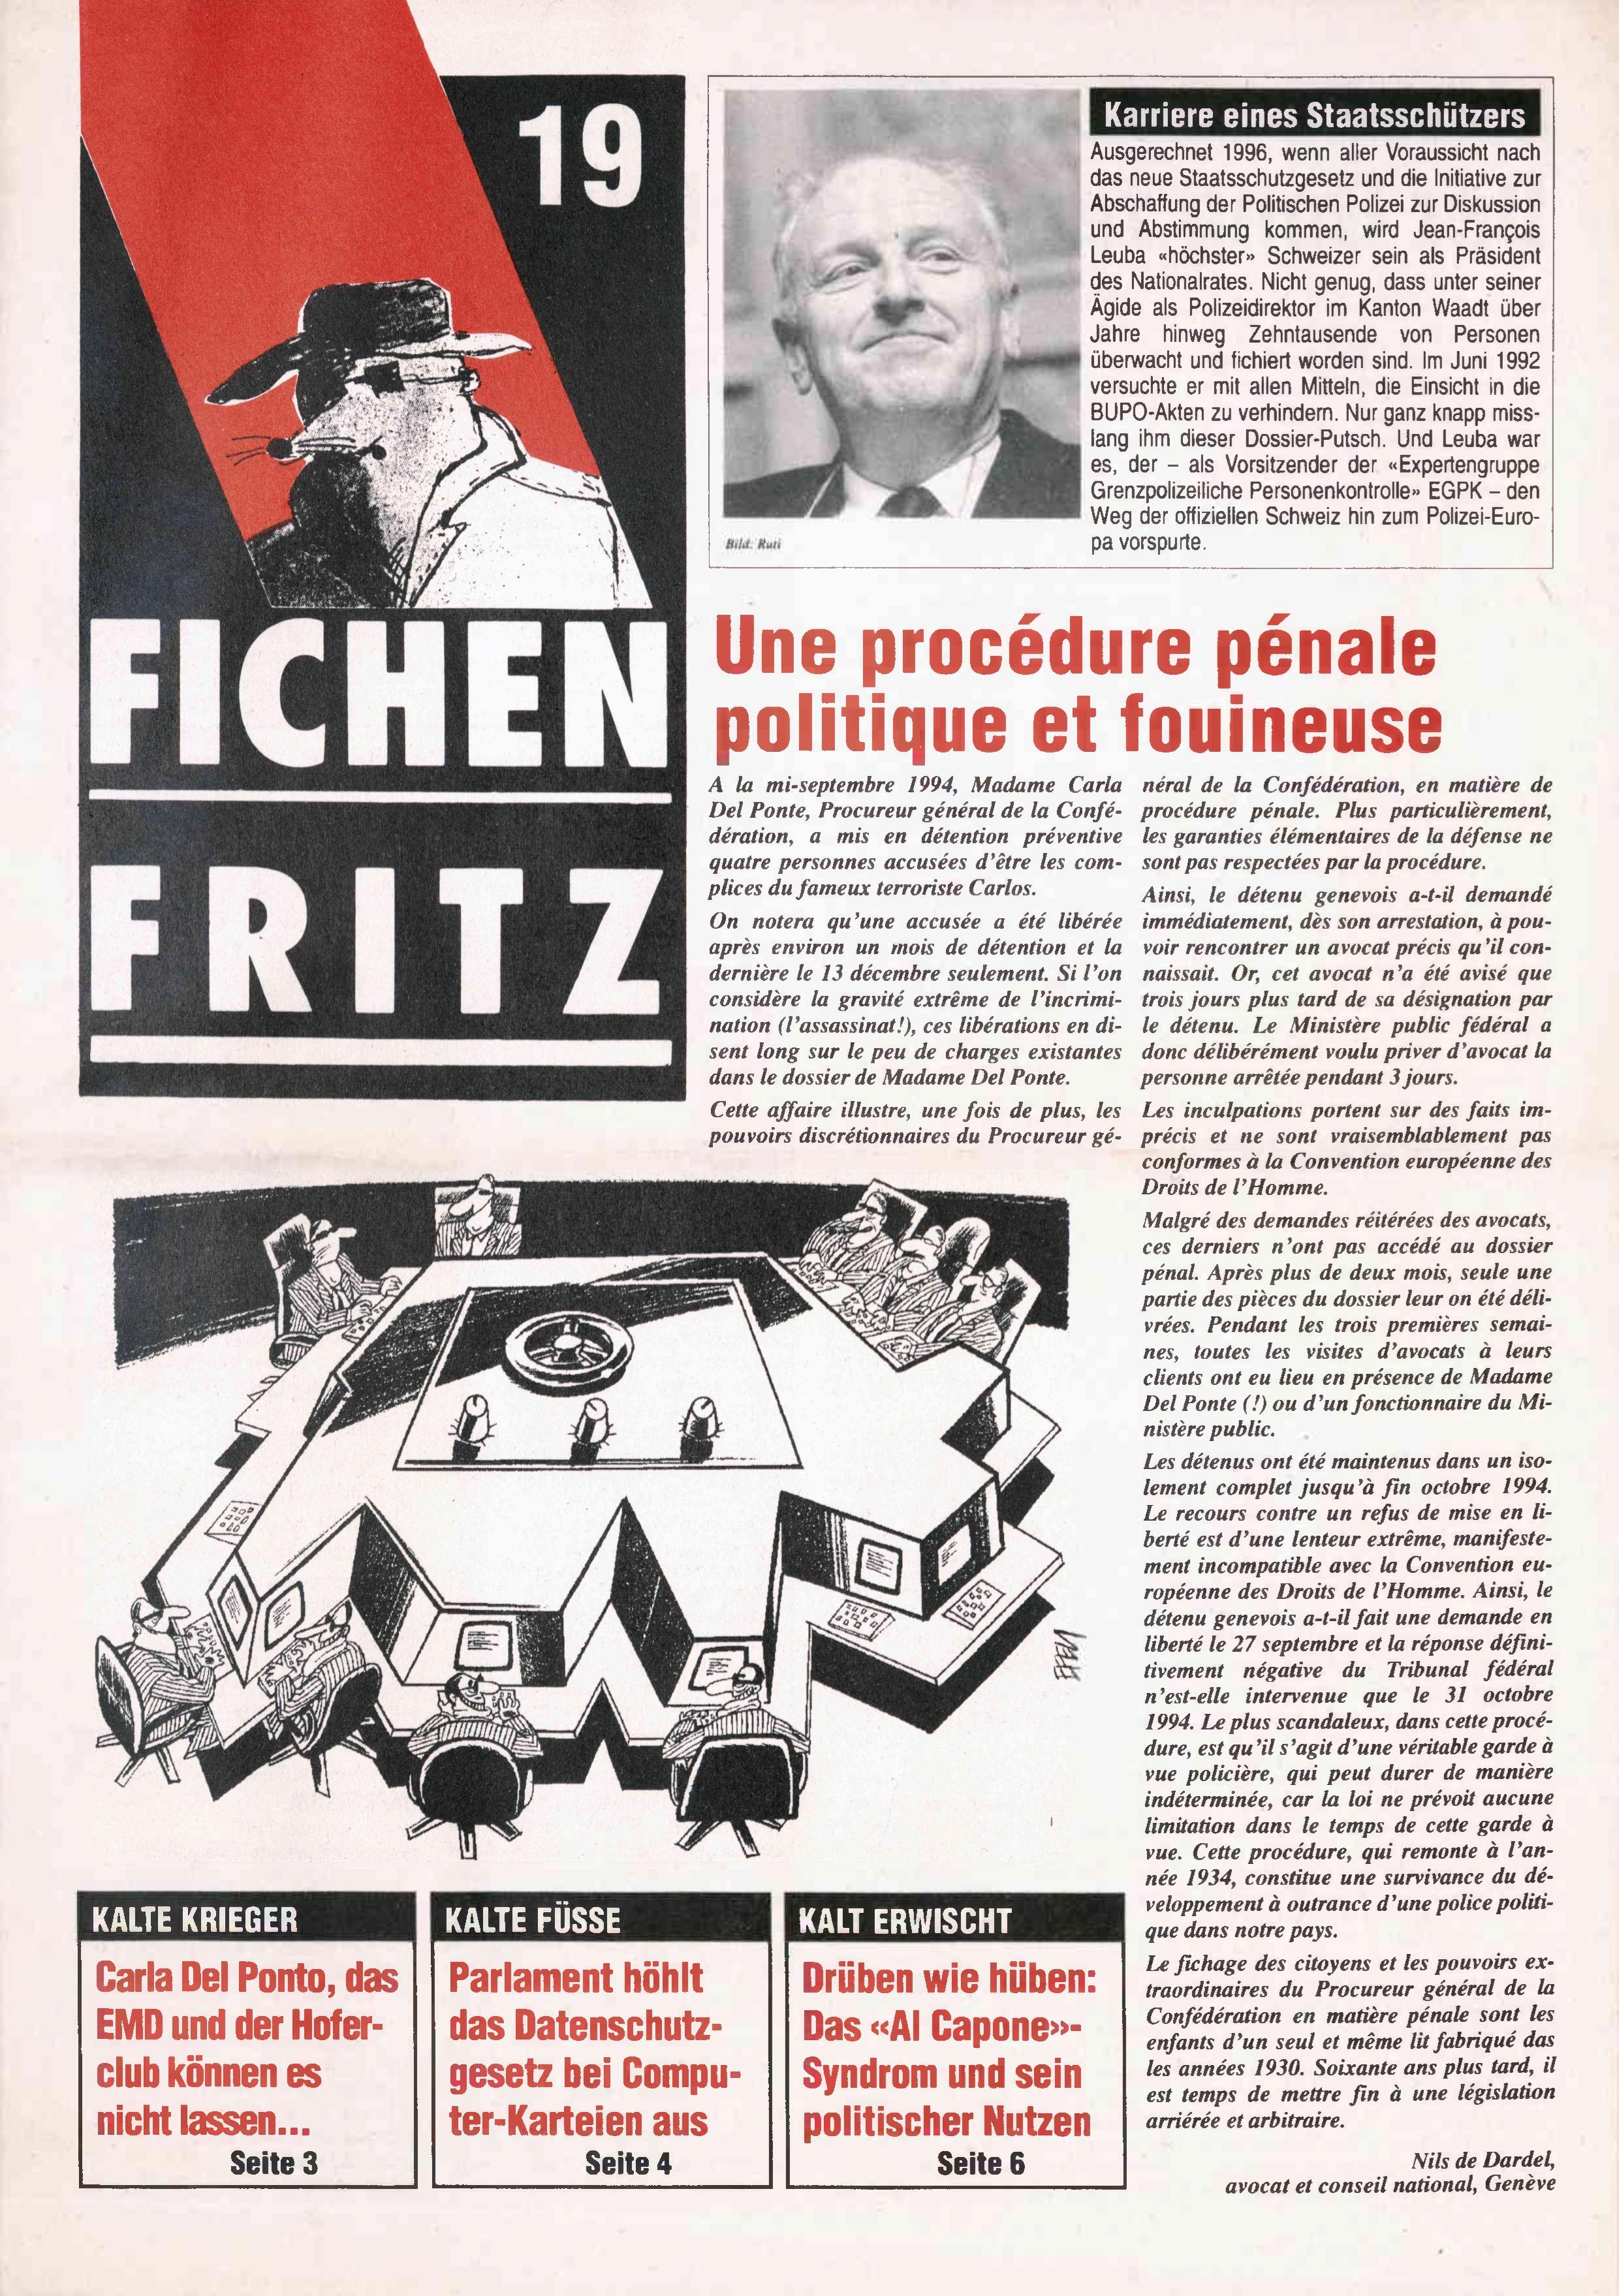 FICHEN FRITZ NR. 19 - SEITE 1